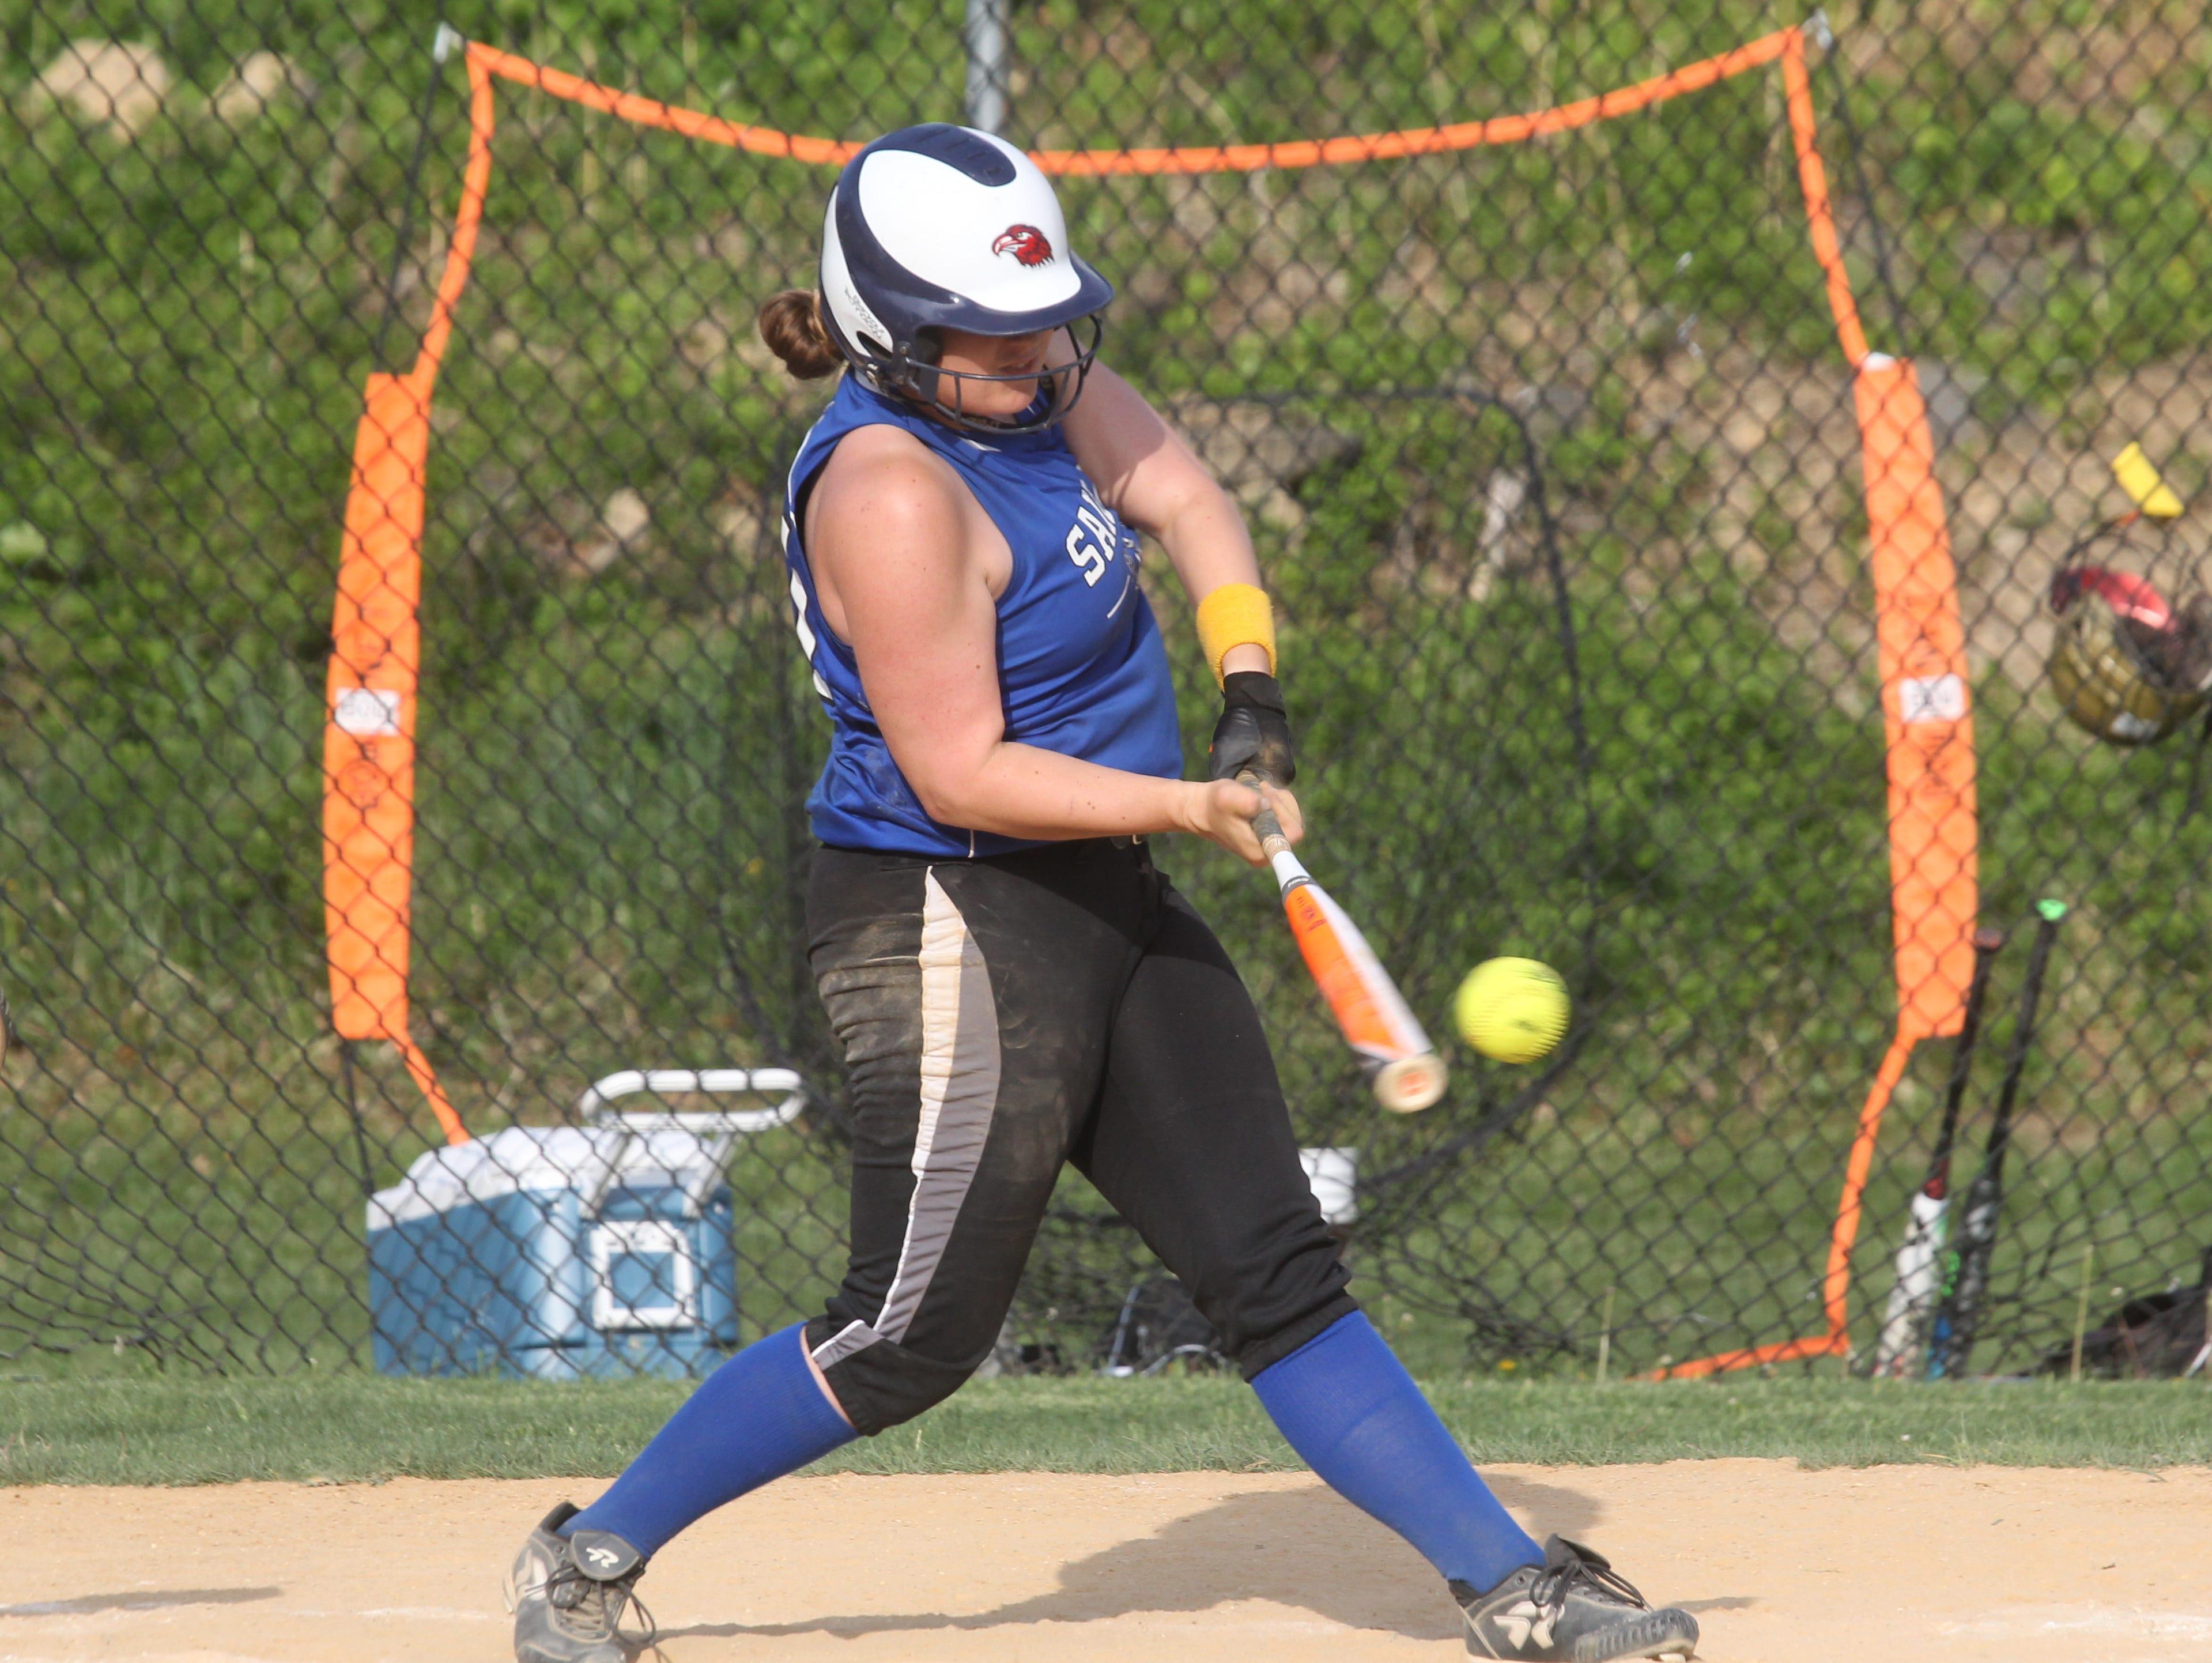 Clarkstown South softball won 11-4 at Hendrick Hudson May 11, 2015.